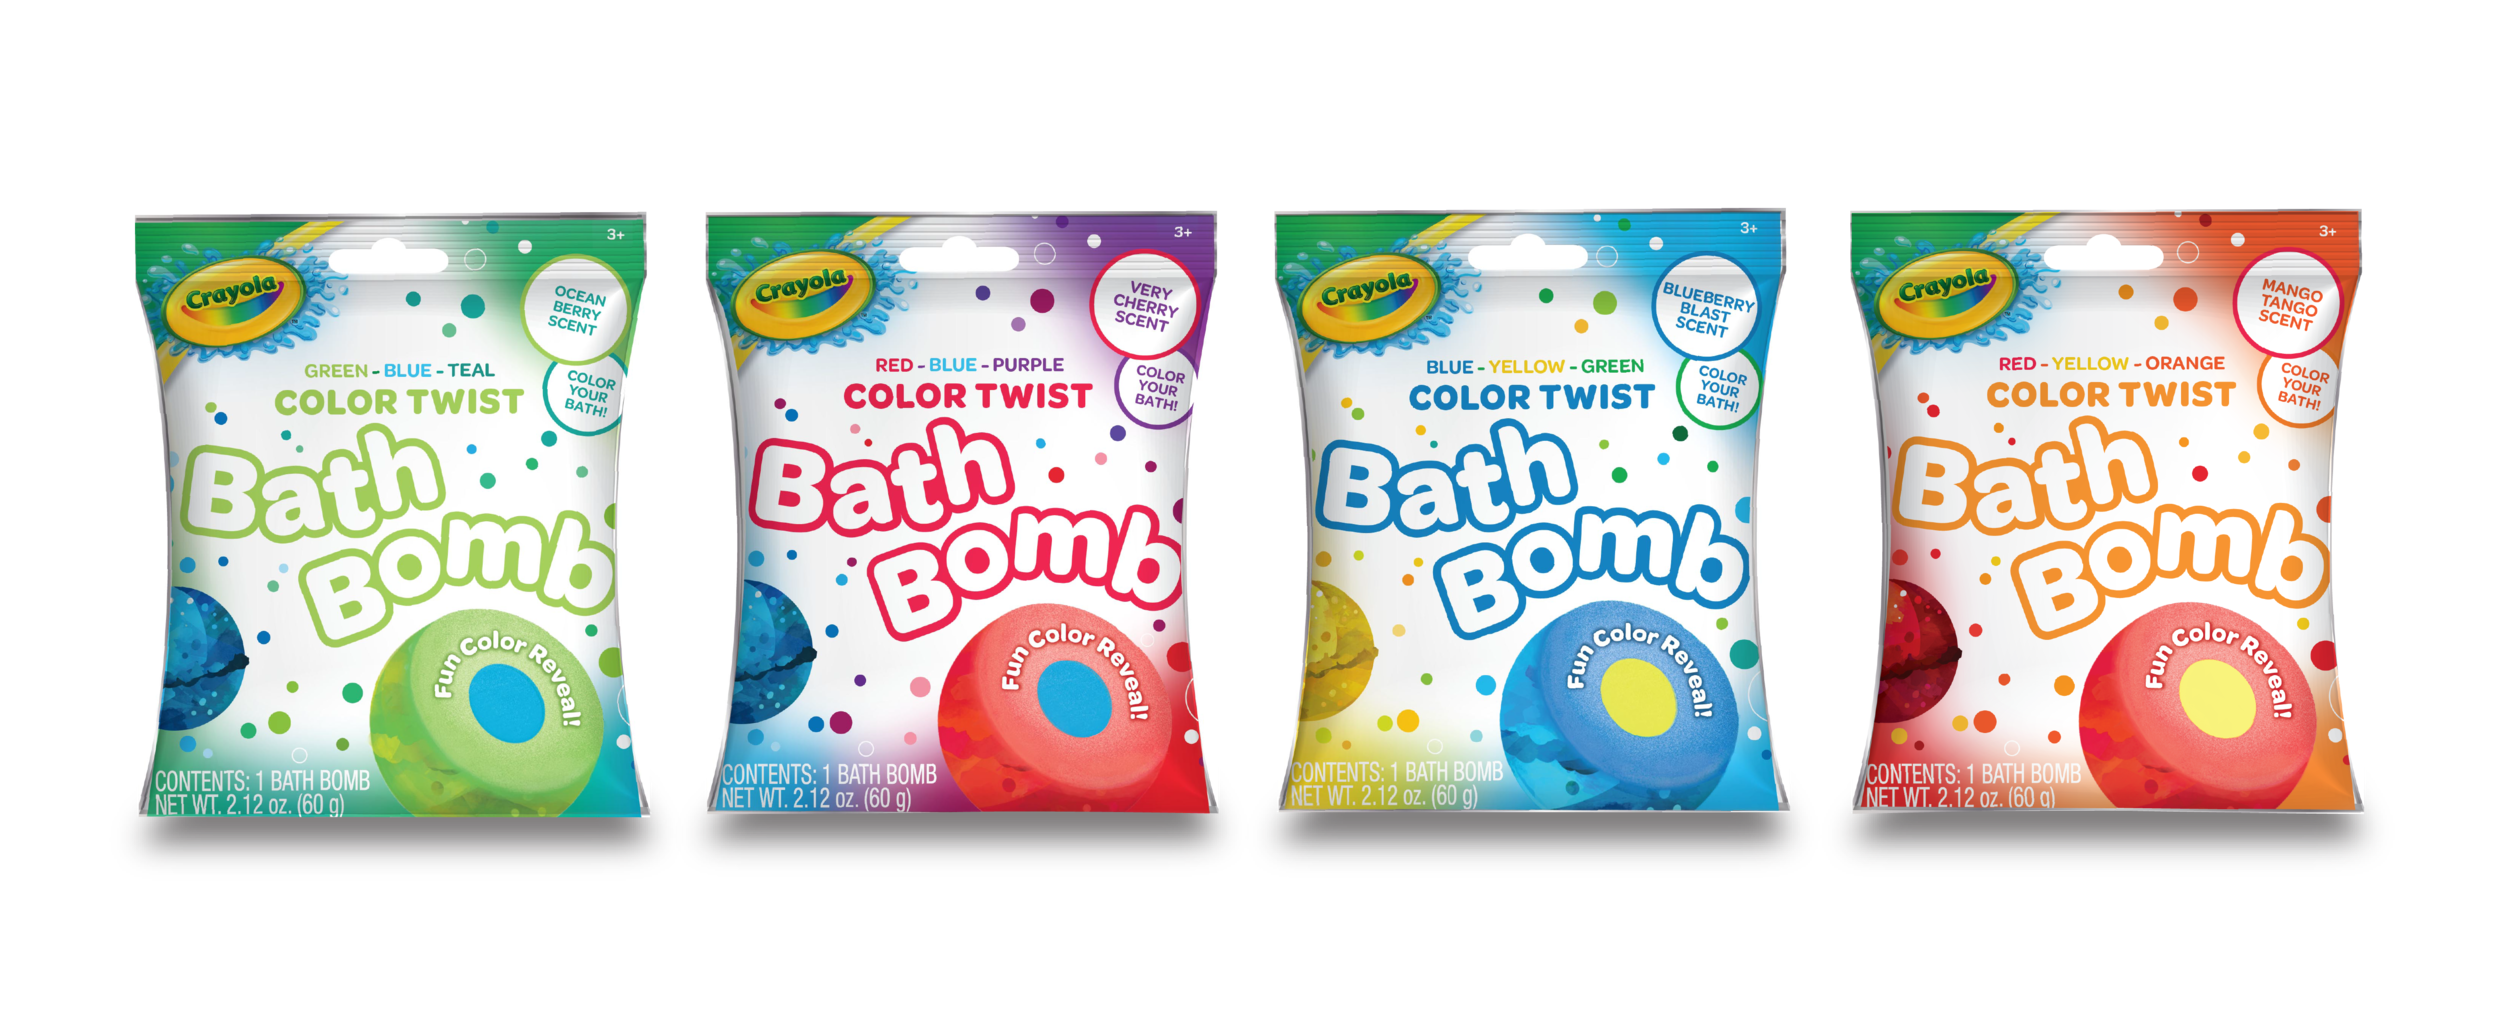 Crayola Bath Bombs.png